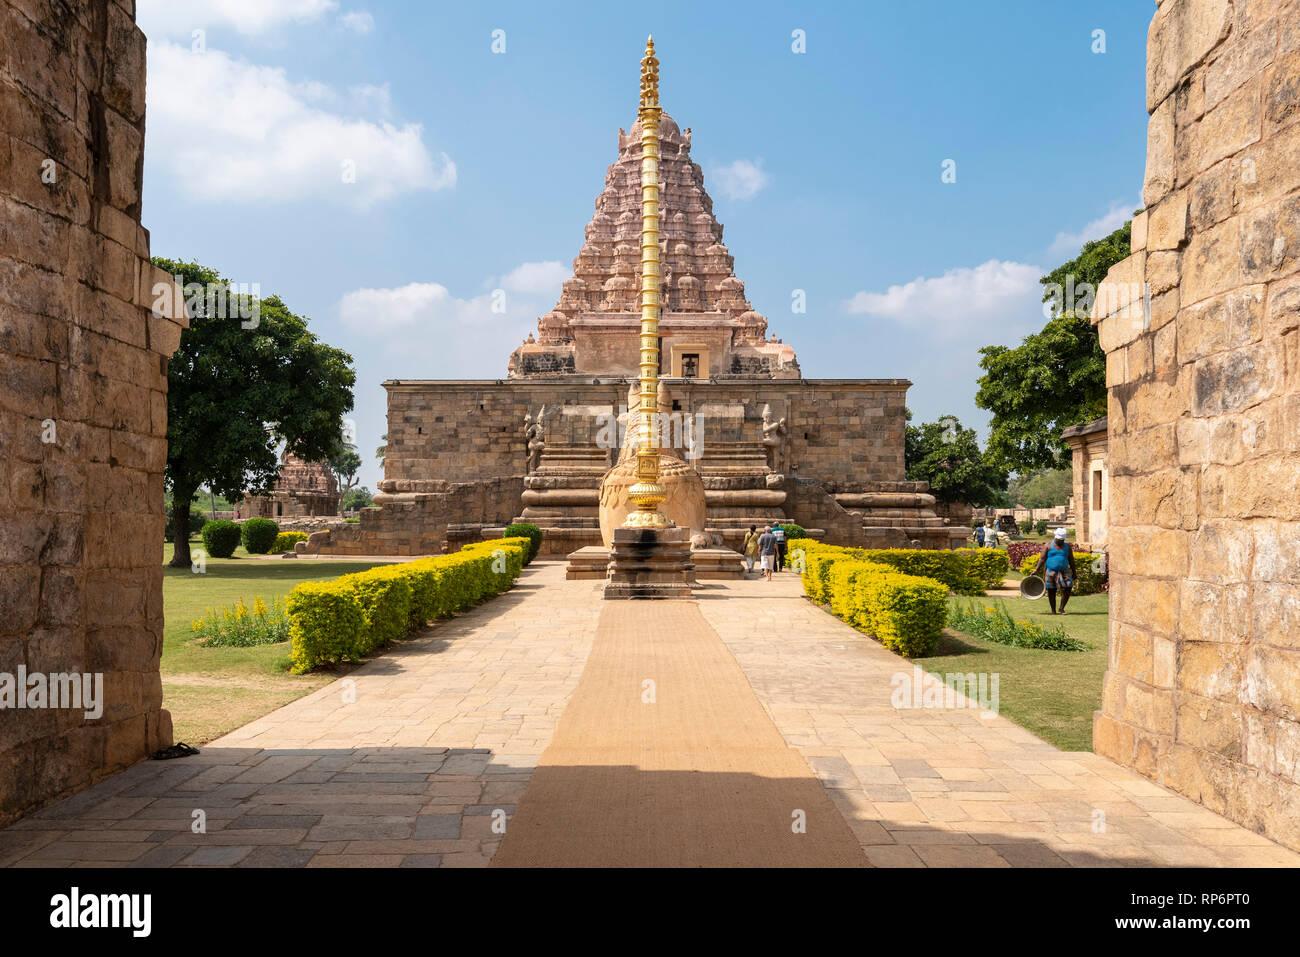 La entrada principal del Templo Brihadisvara en Gangaikonda Cholapuram con turistas que visitan en un día soleado con el cielo azul. Foto de stock